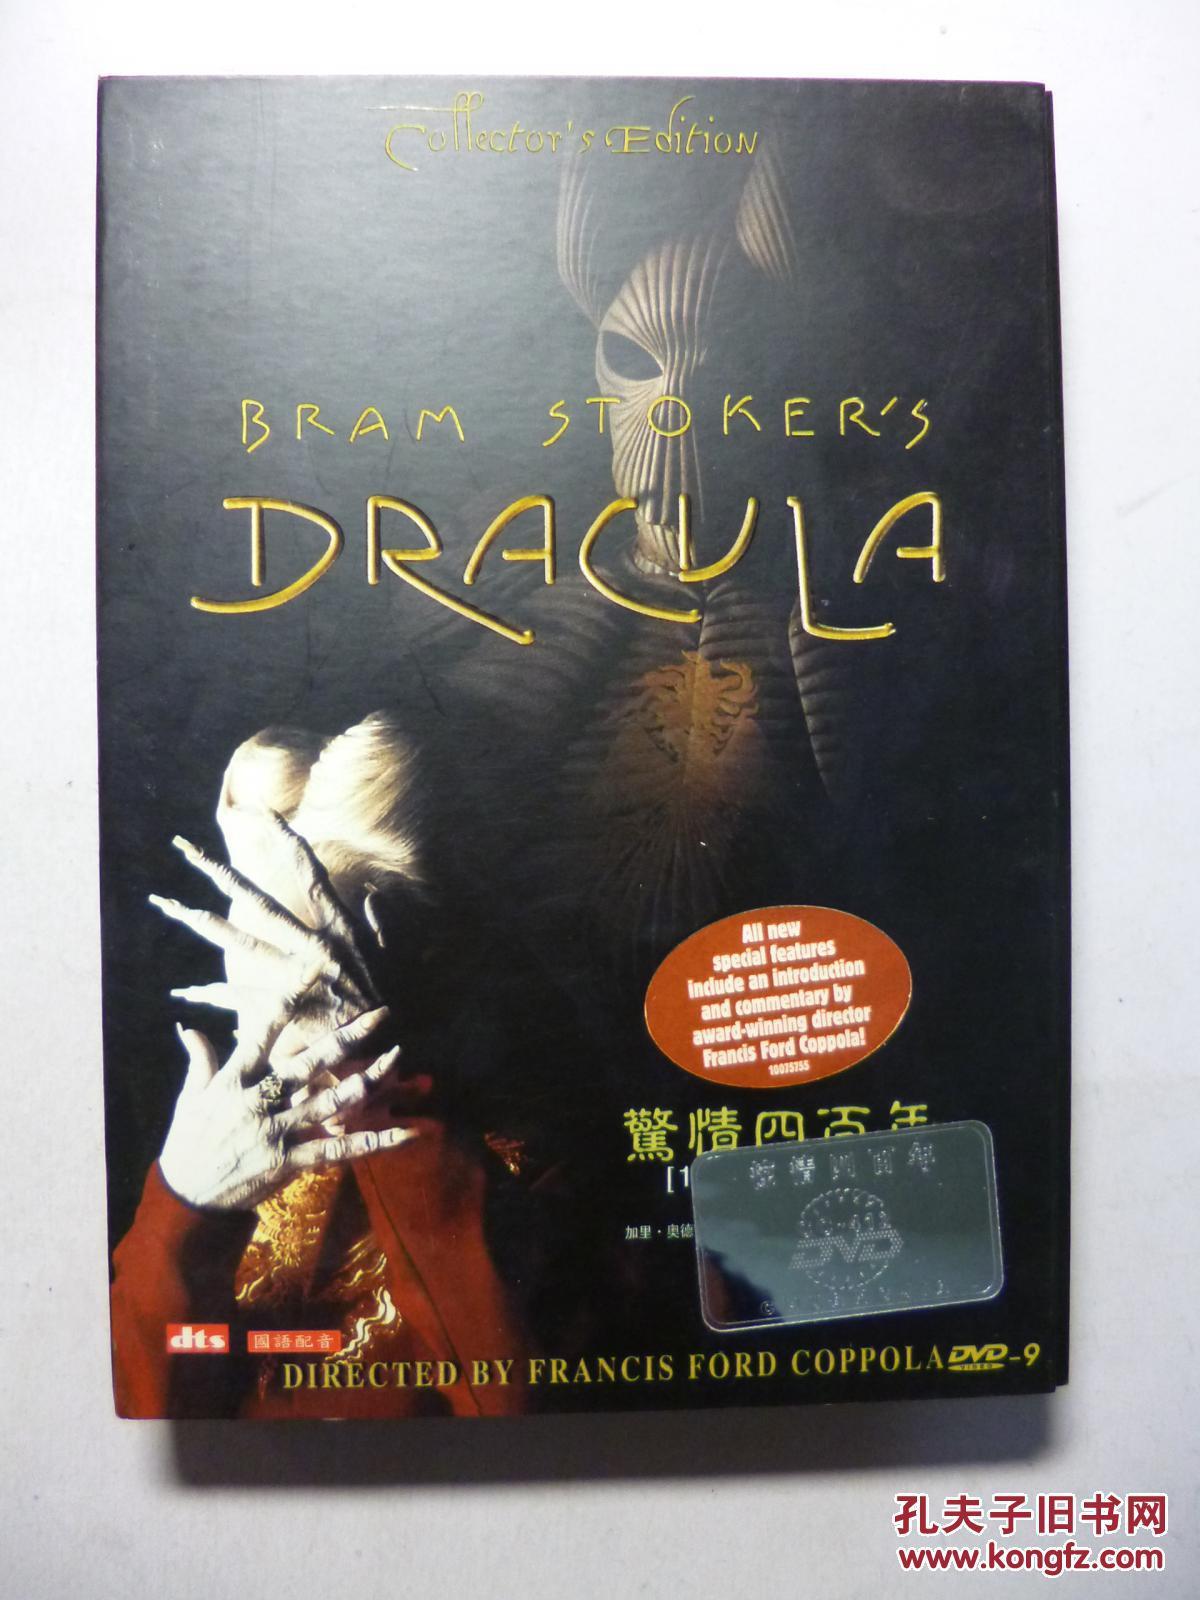 dvd 惊情四百年 dracula 又名: 吸血僵尸惊情四百年 / 德古拉 / 吸血